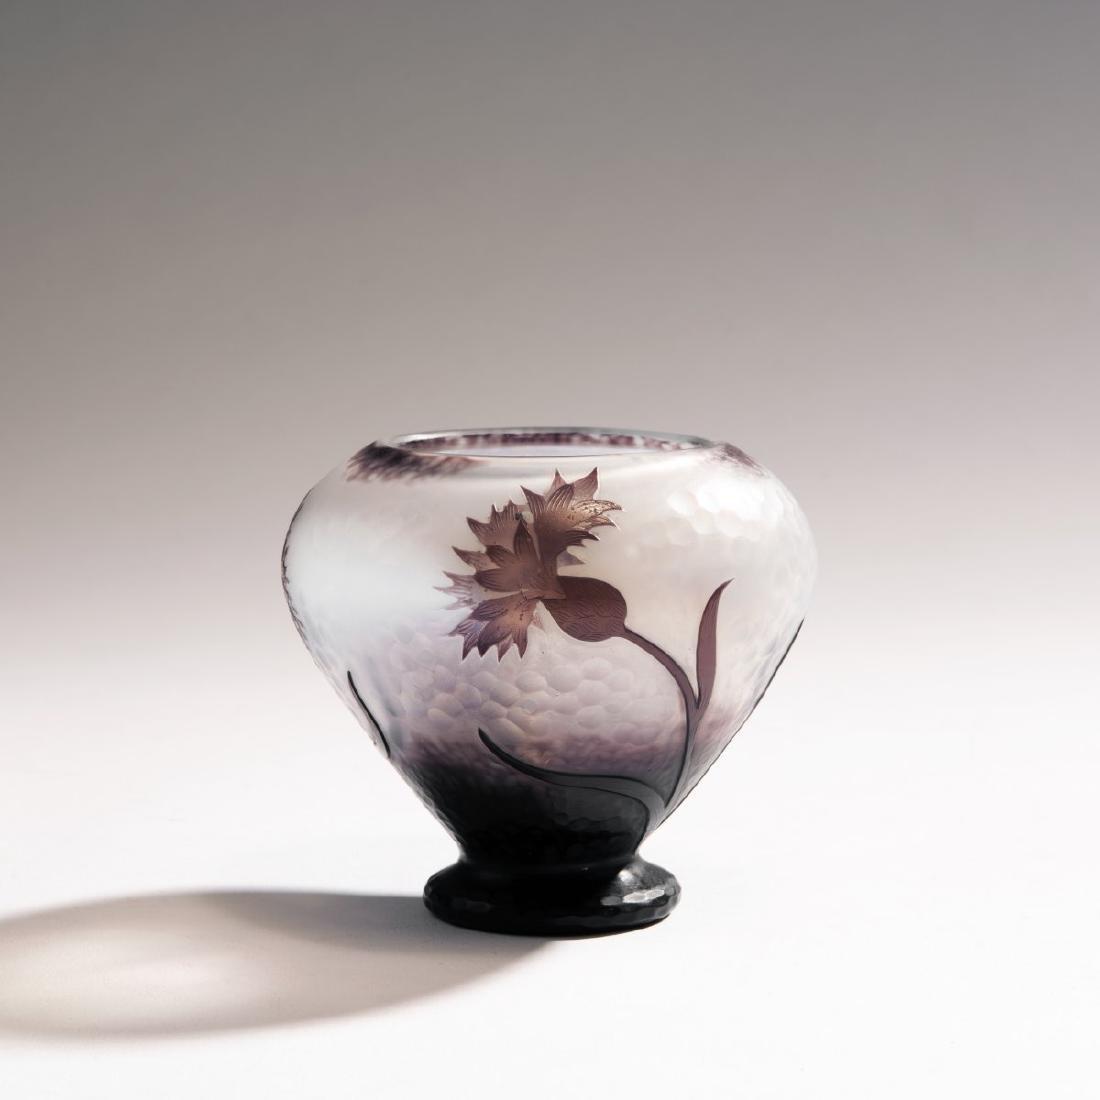 Daum Freres, 'Centauree' Martele vase, c. 1898